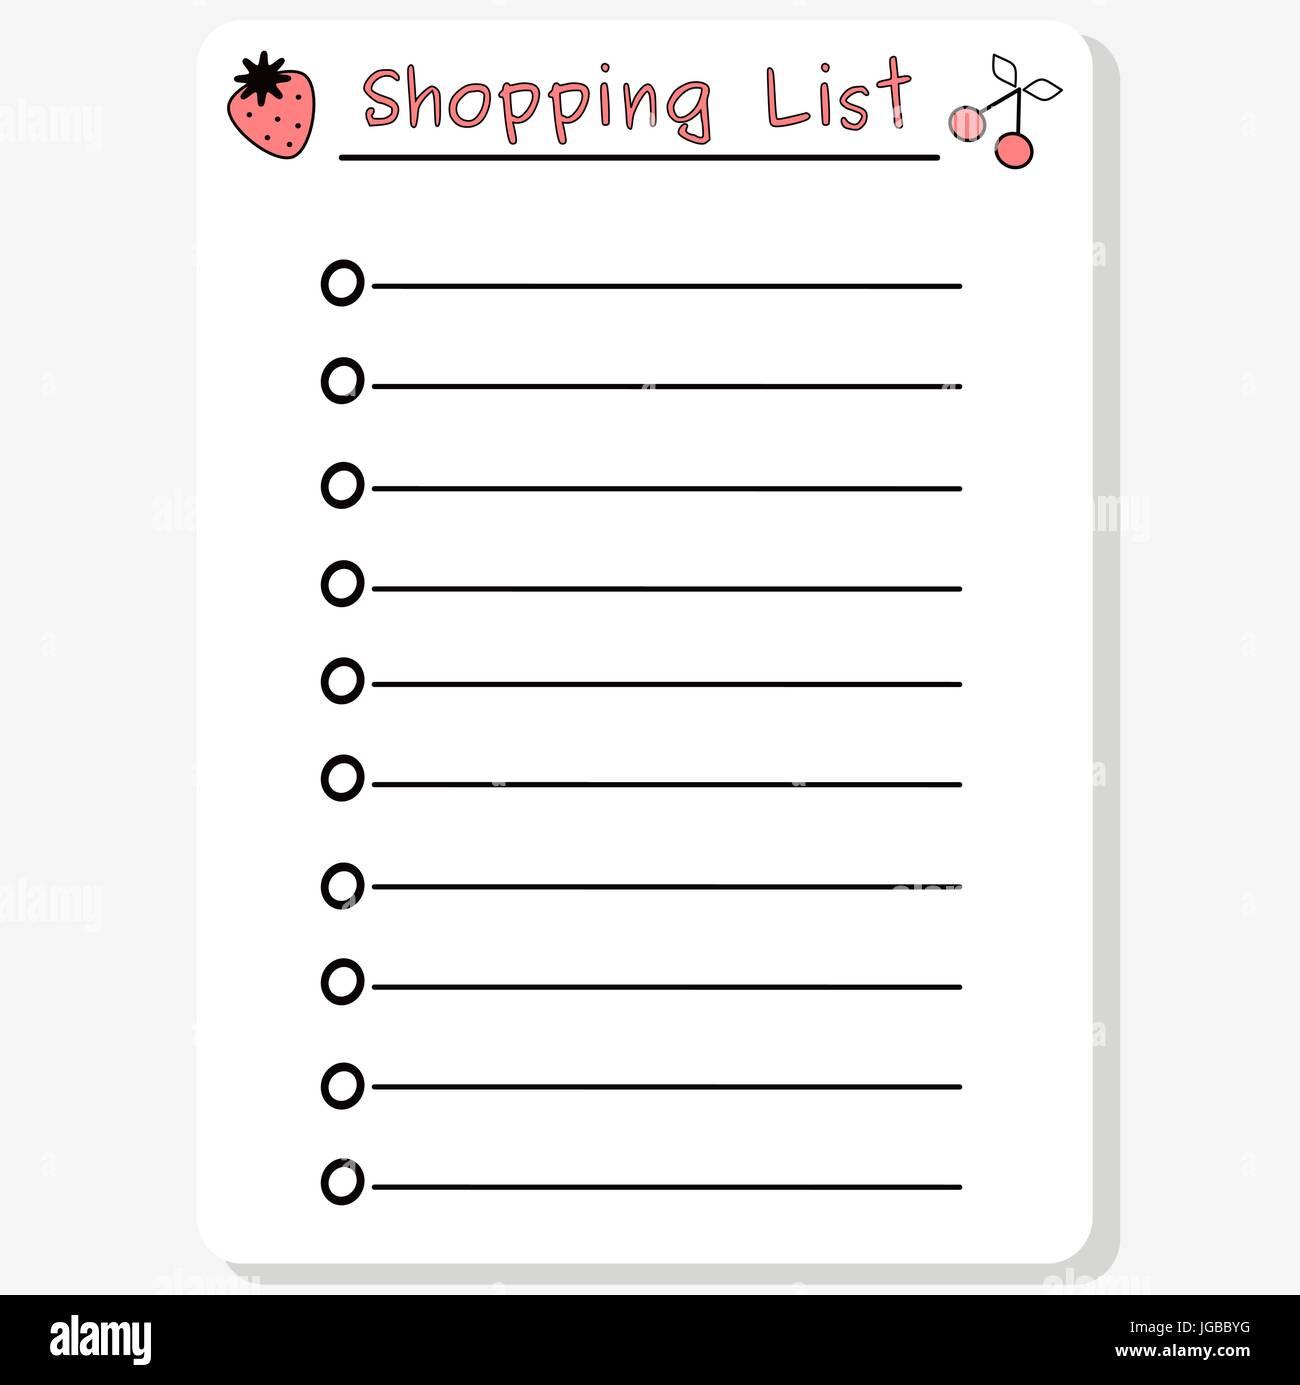 Berühmt Druckbare Einkaufsliste Mit Kategorien Ideen - Bilder für ...